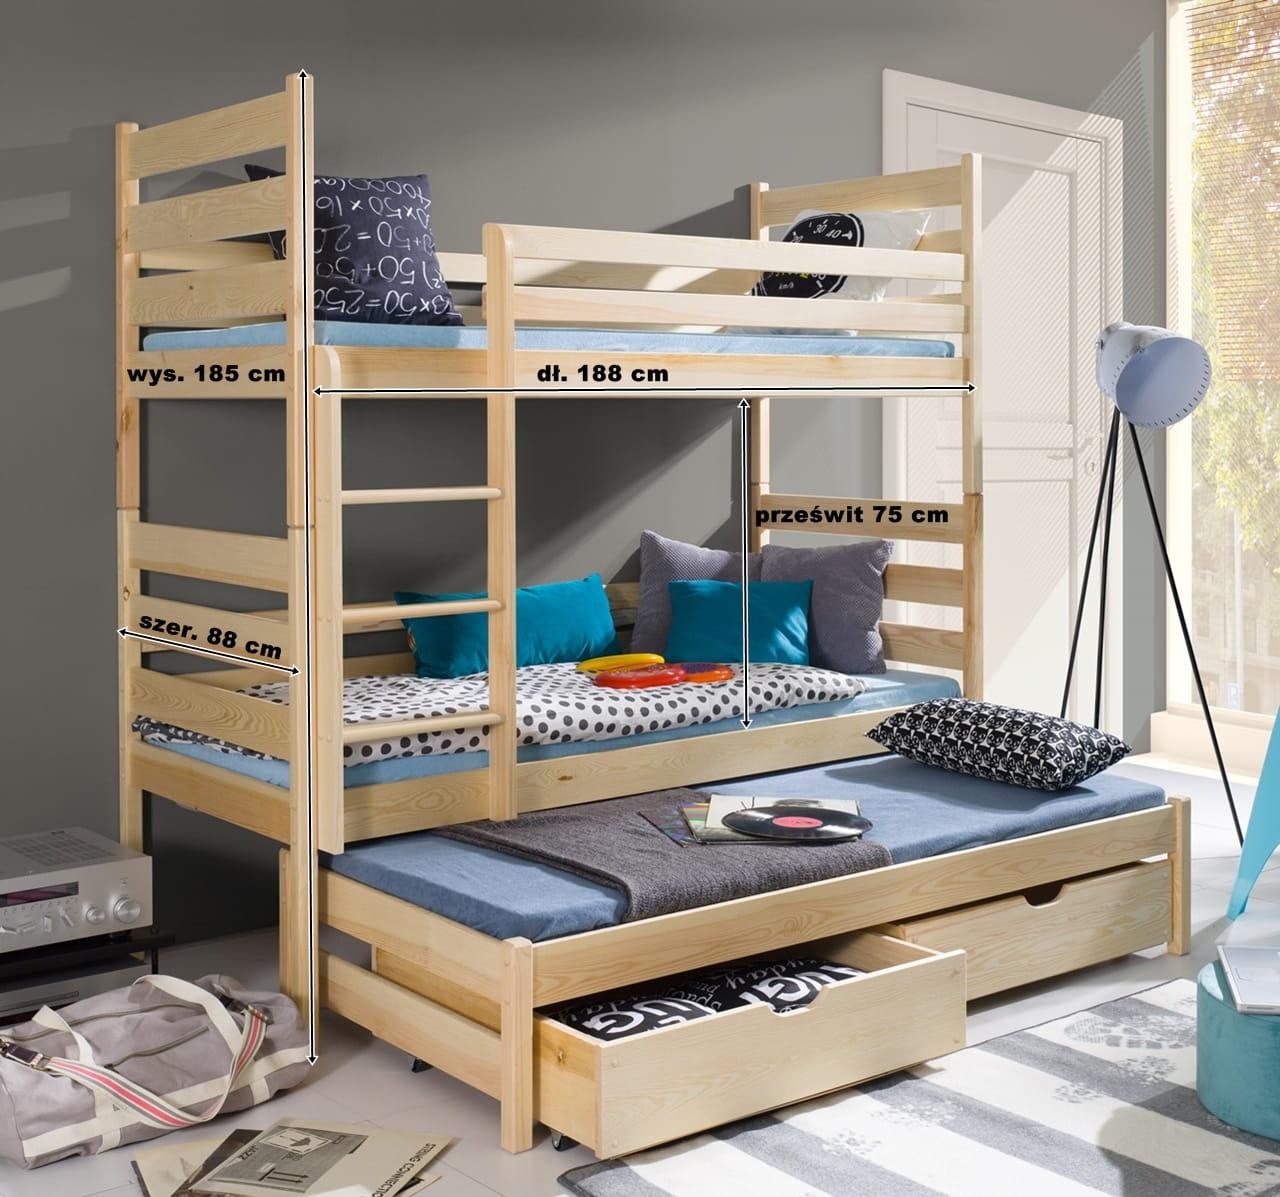 łóżko Piętrowe Trzyosobowe Maniek Meblegratka